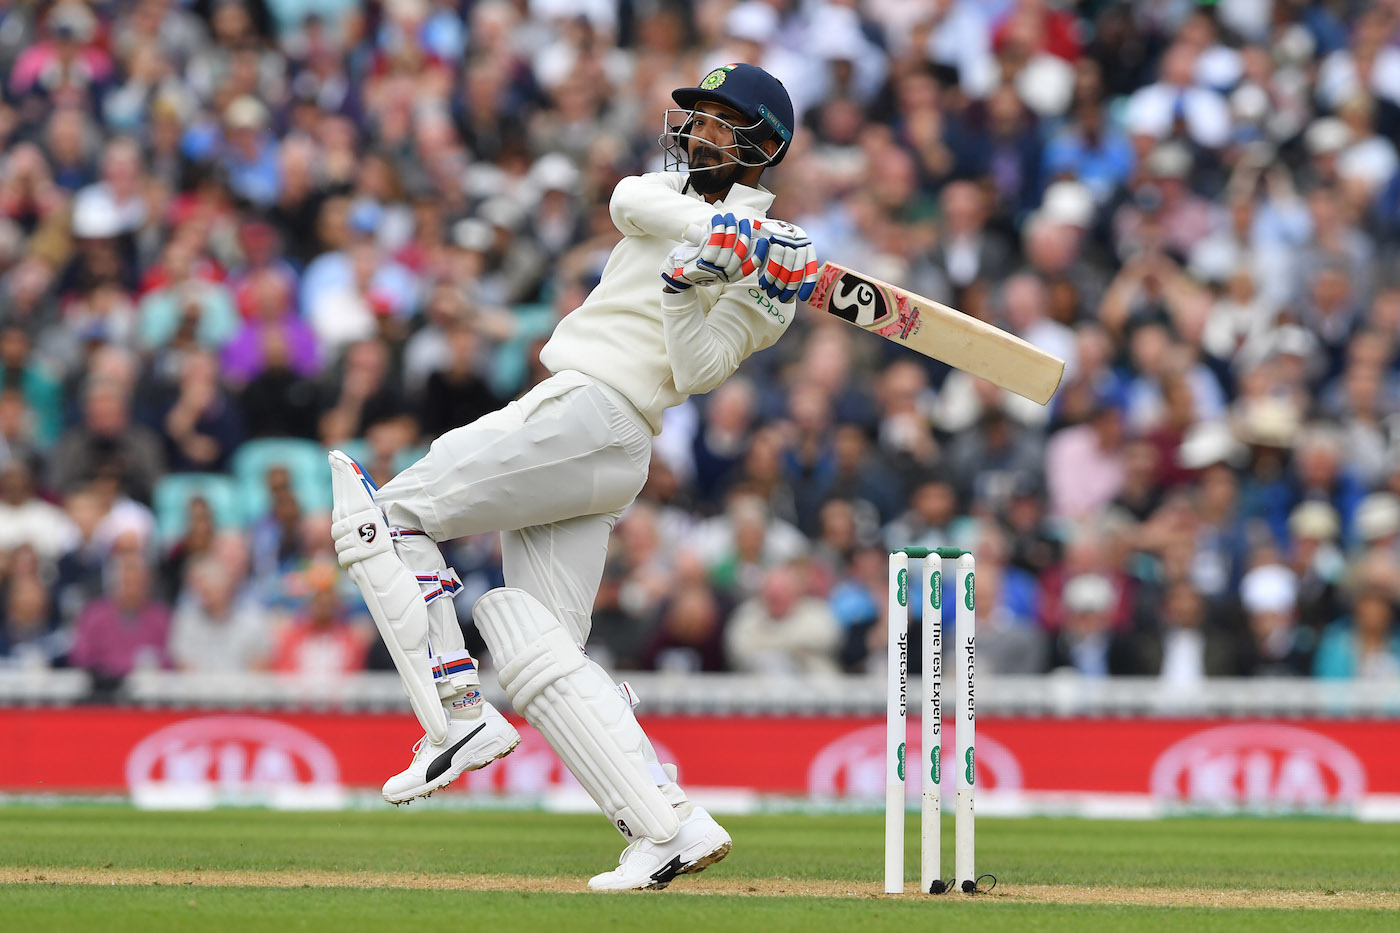 इंग्लैंड लायंस के खिलाफ पहले अनऑफिशियल टेस्ट मैच के लिए इंडिया ए का ऐलान 74